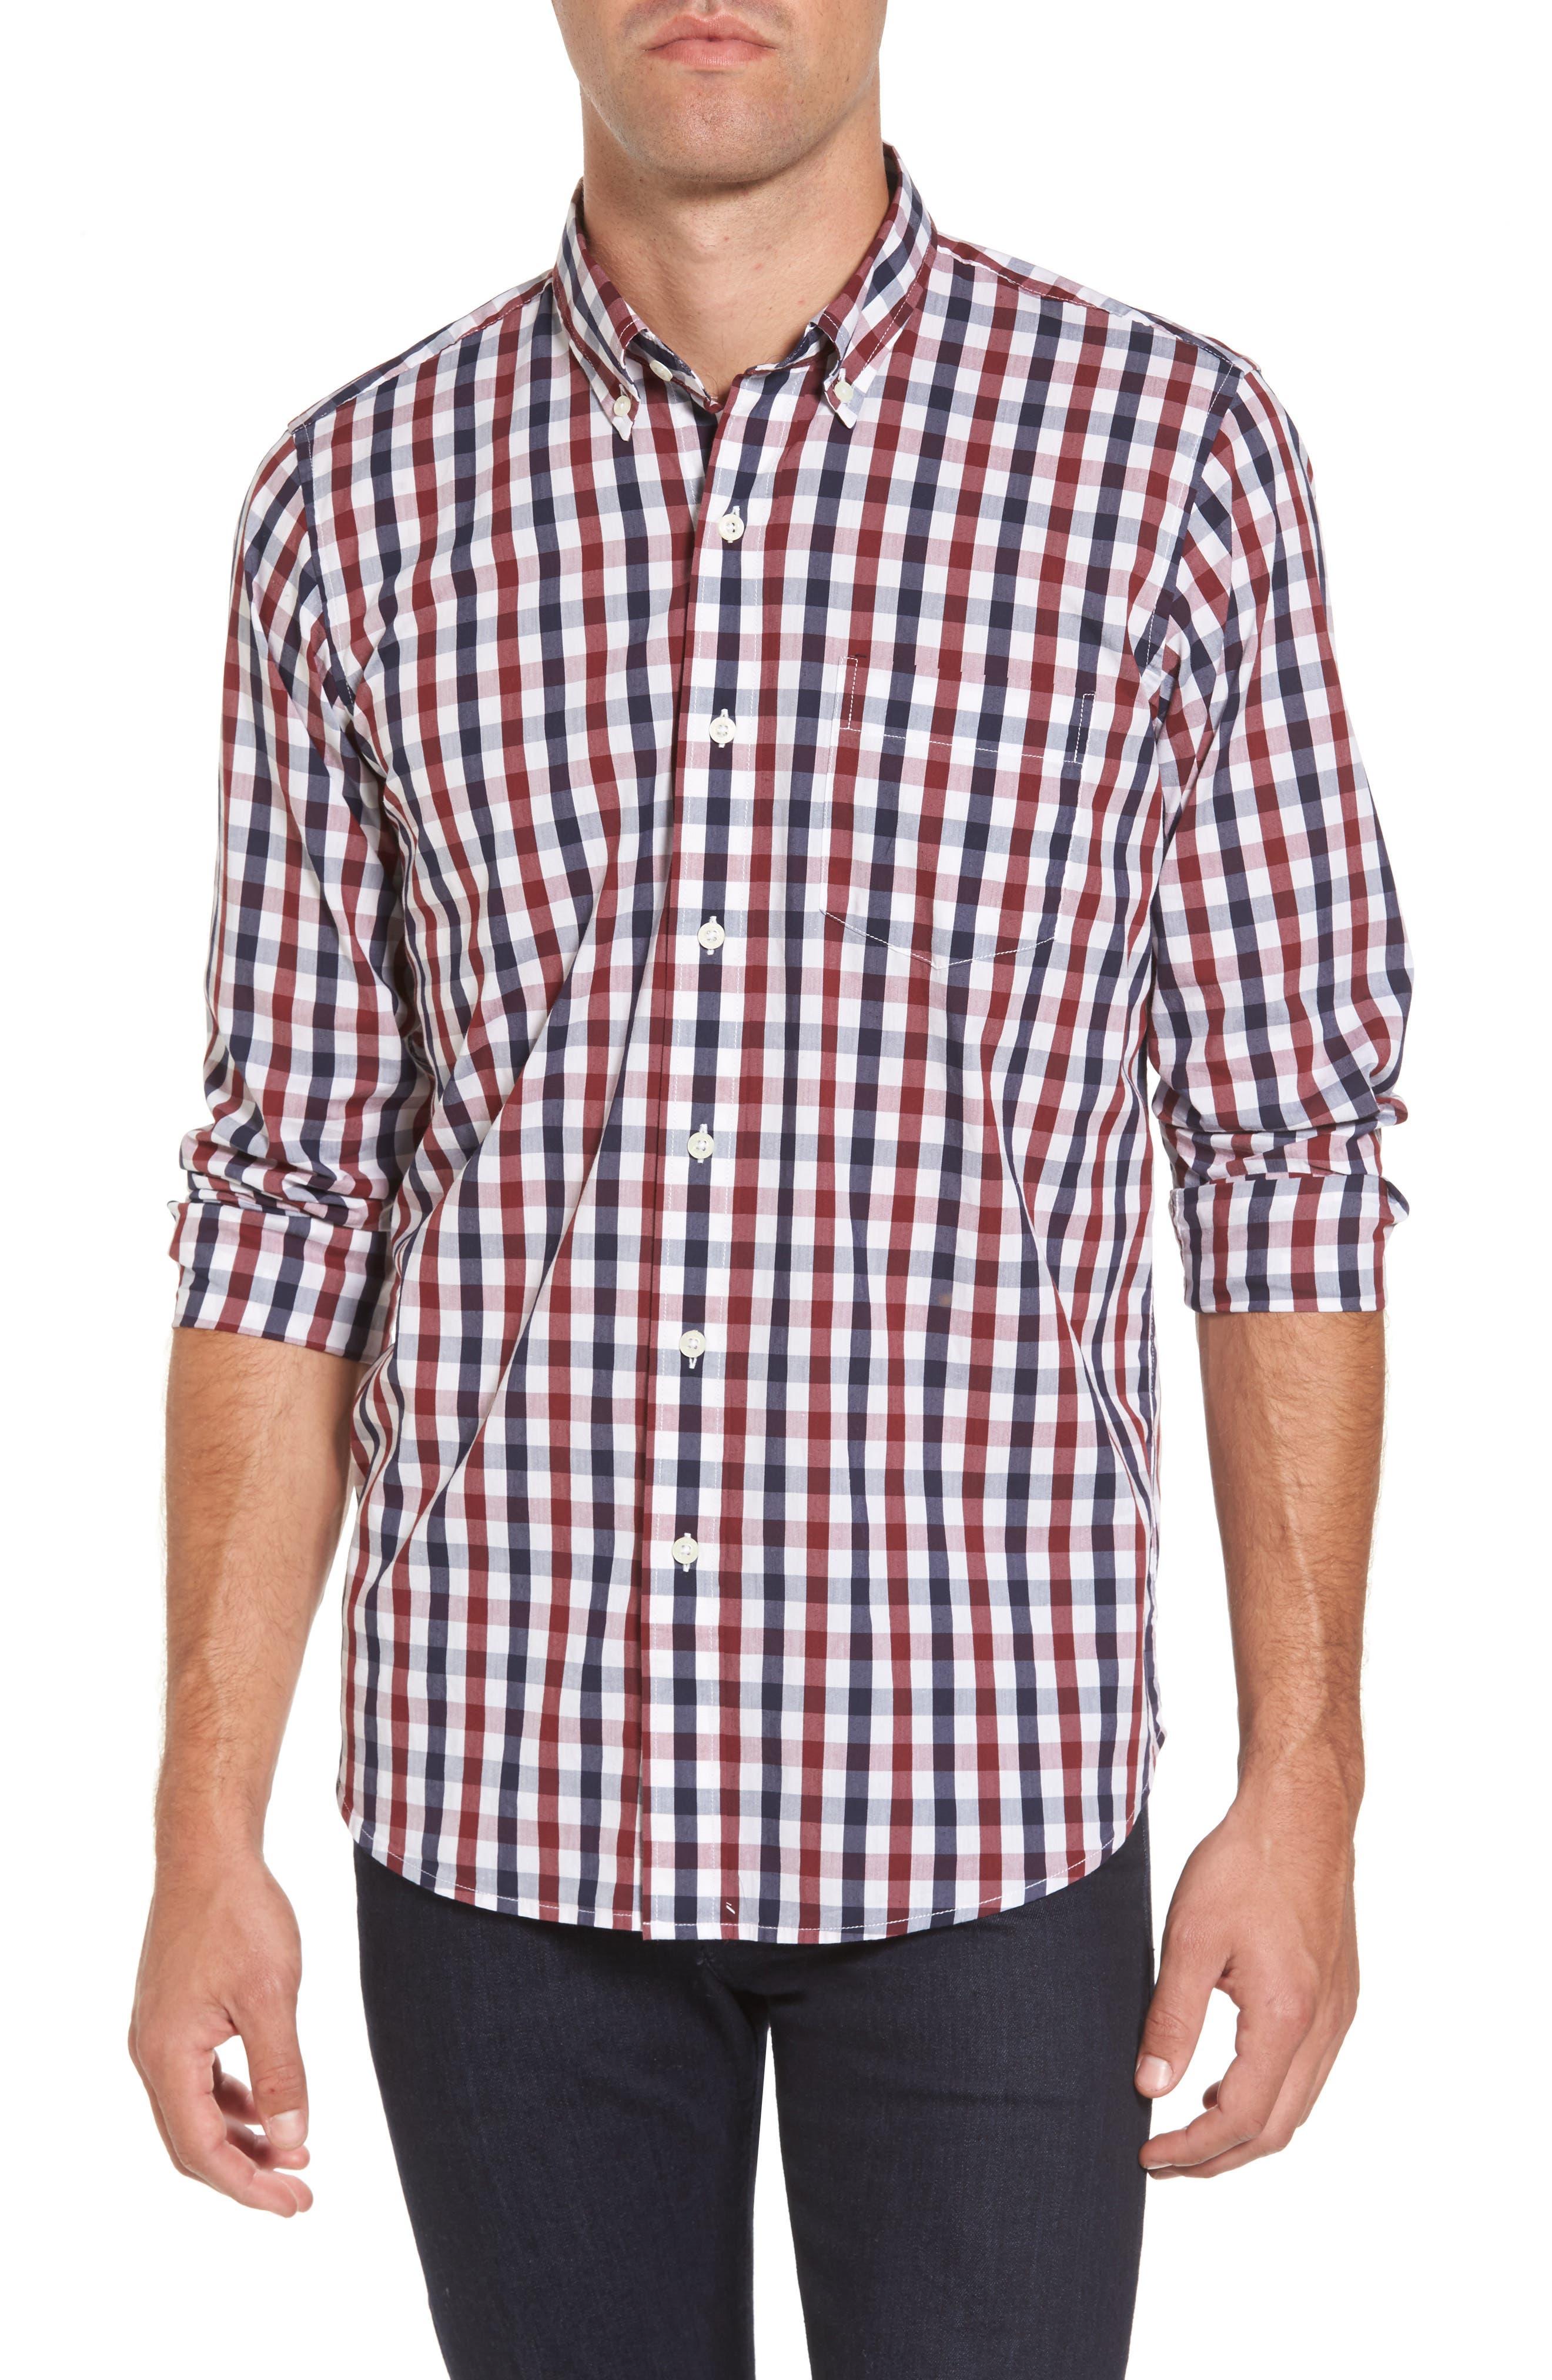 Alternate Image 1 Selected - Tailor Vintage Regular Fit Performance Sport Shirt